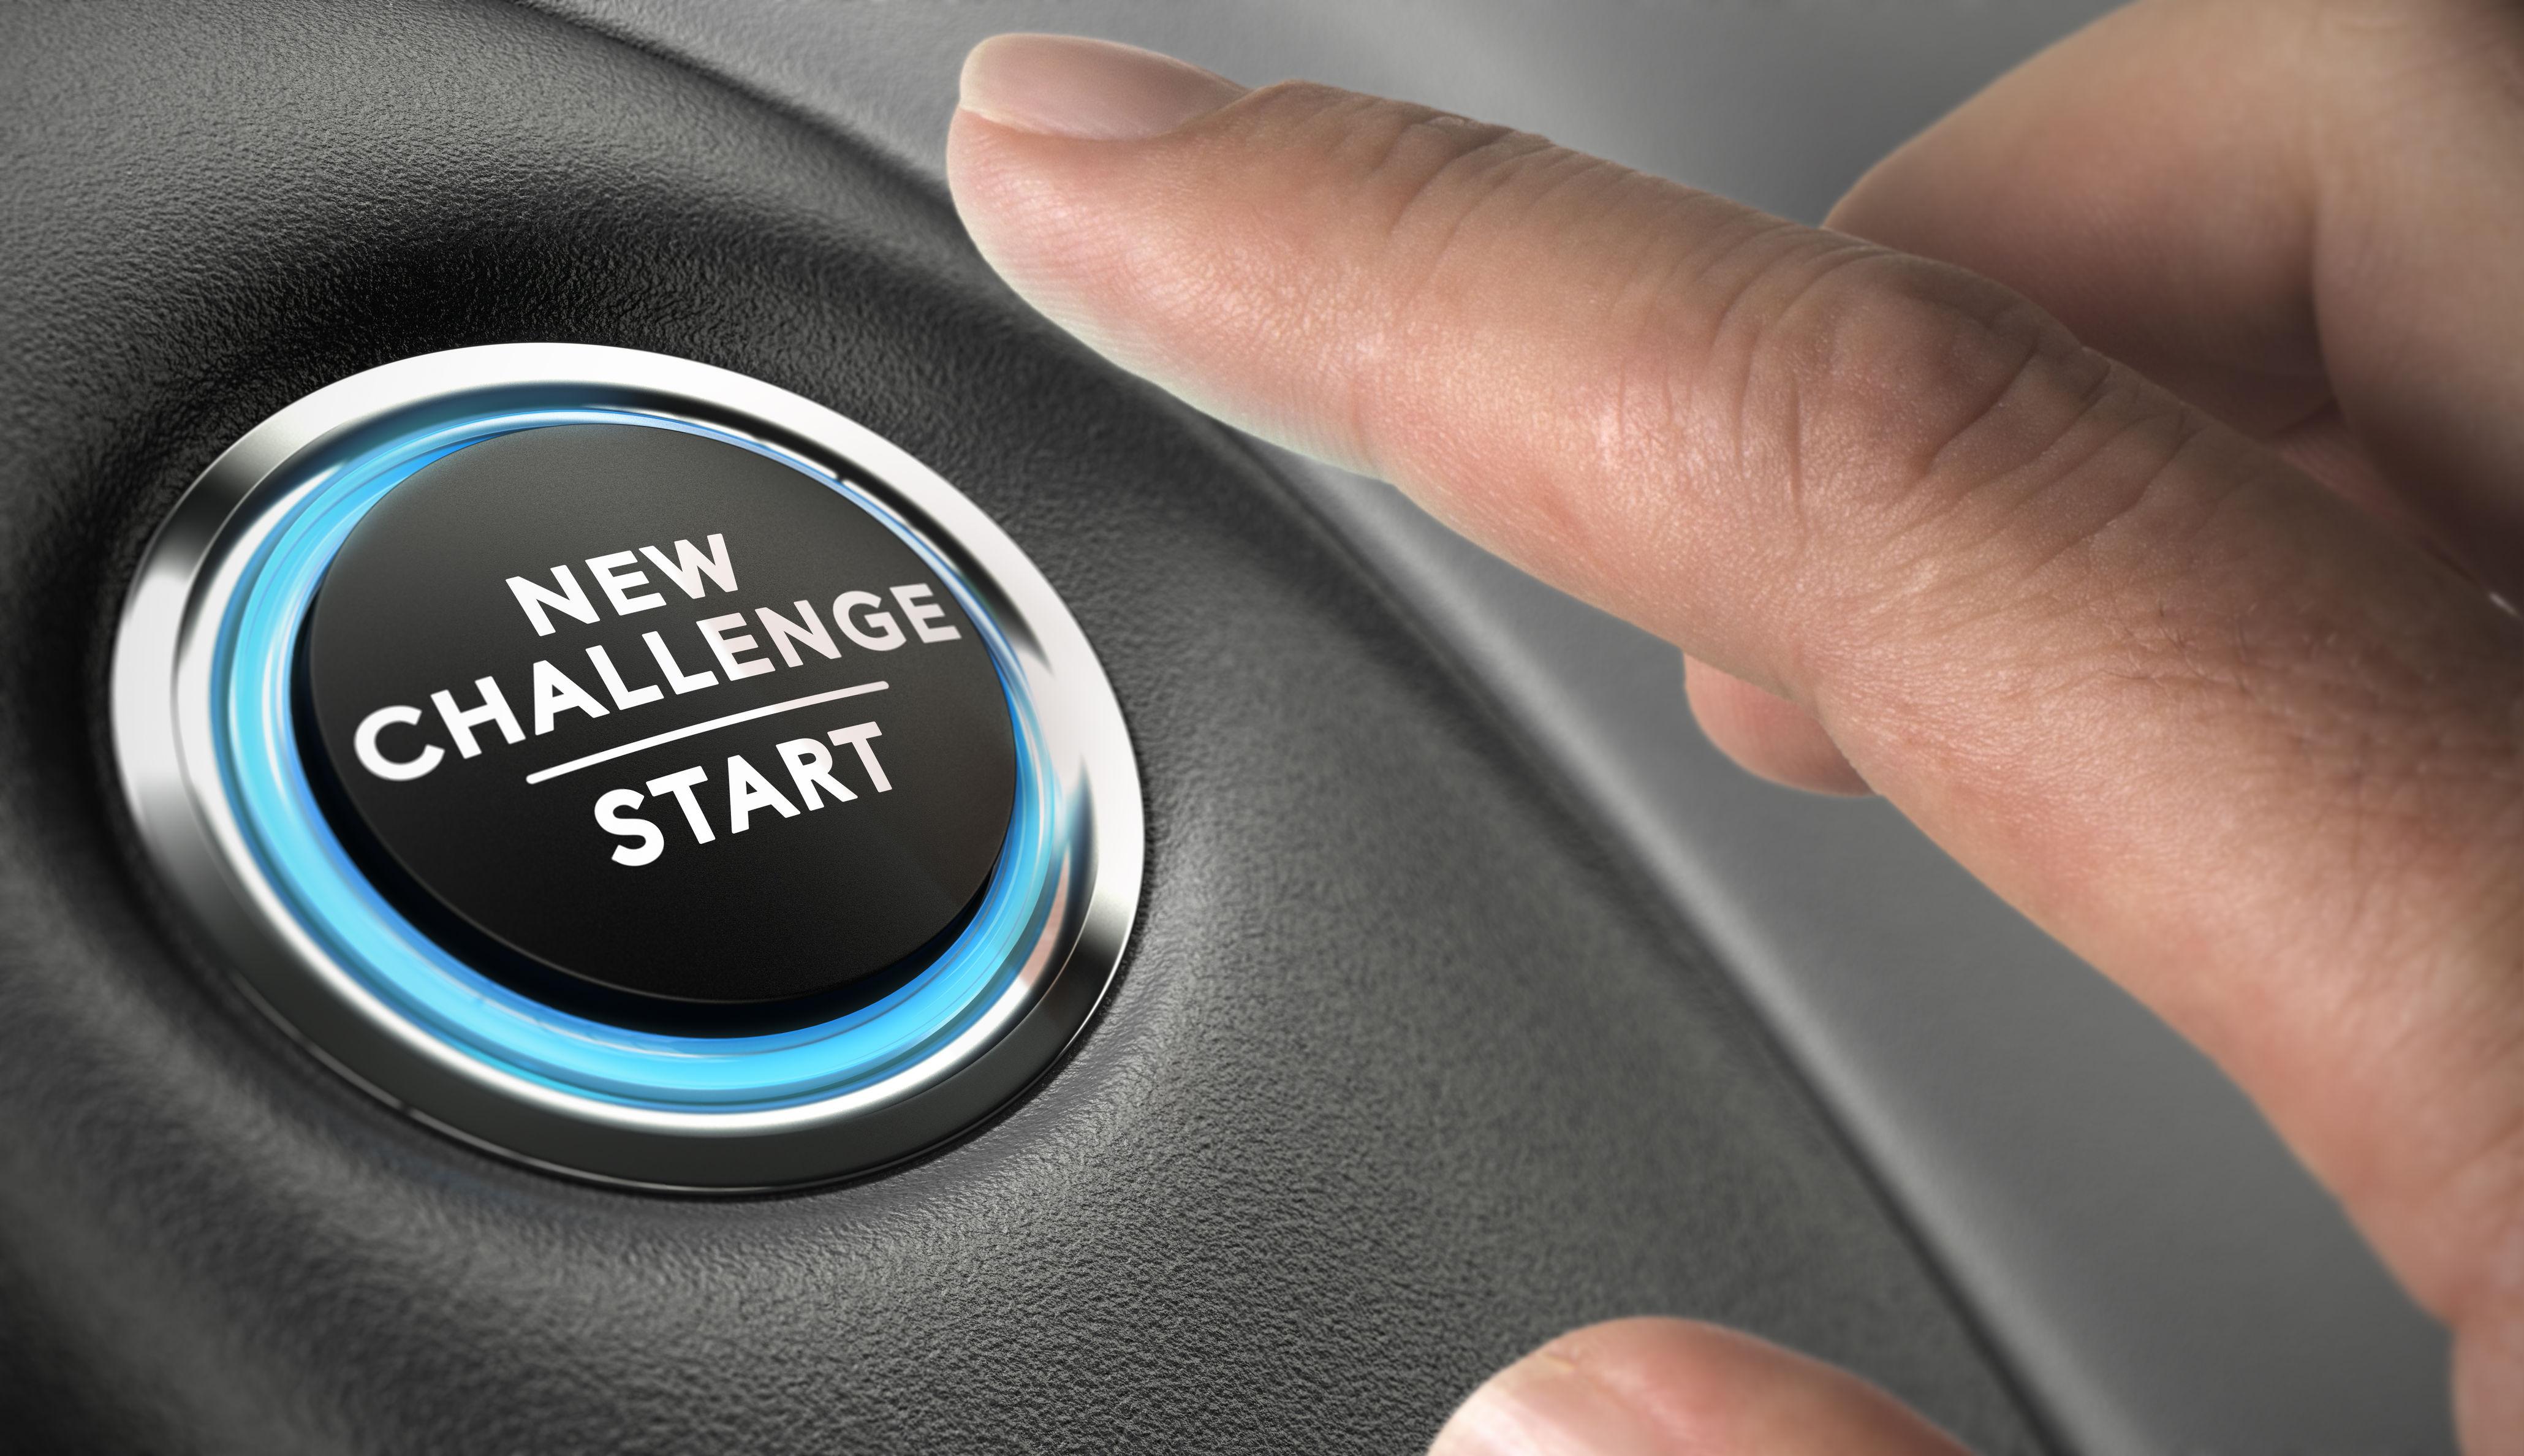 New_challenge_start